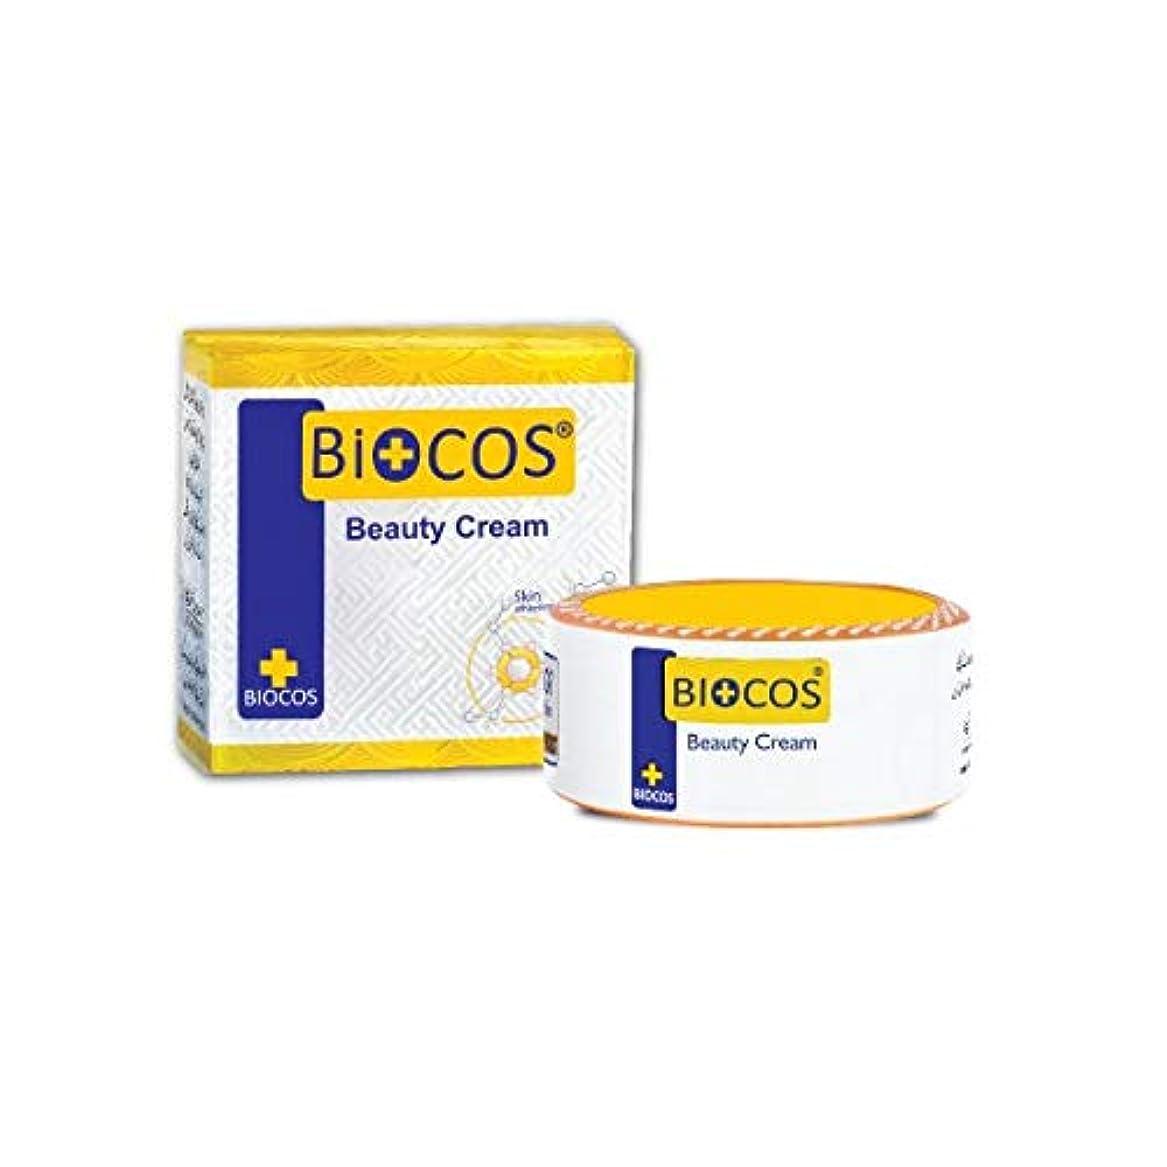 塩辛い読みやすさ遠近法Biocos Beauty Cream & Emergency Serum Original Import from Pakistan